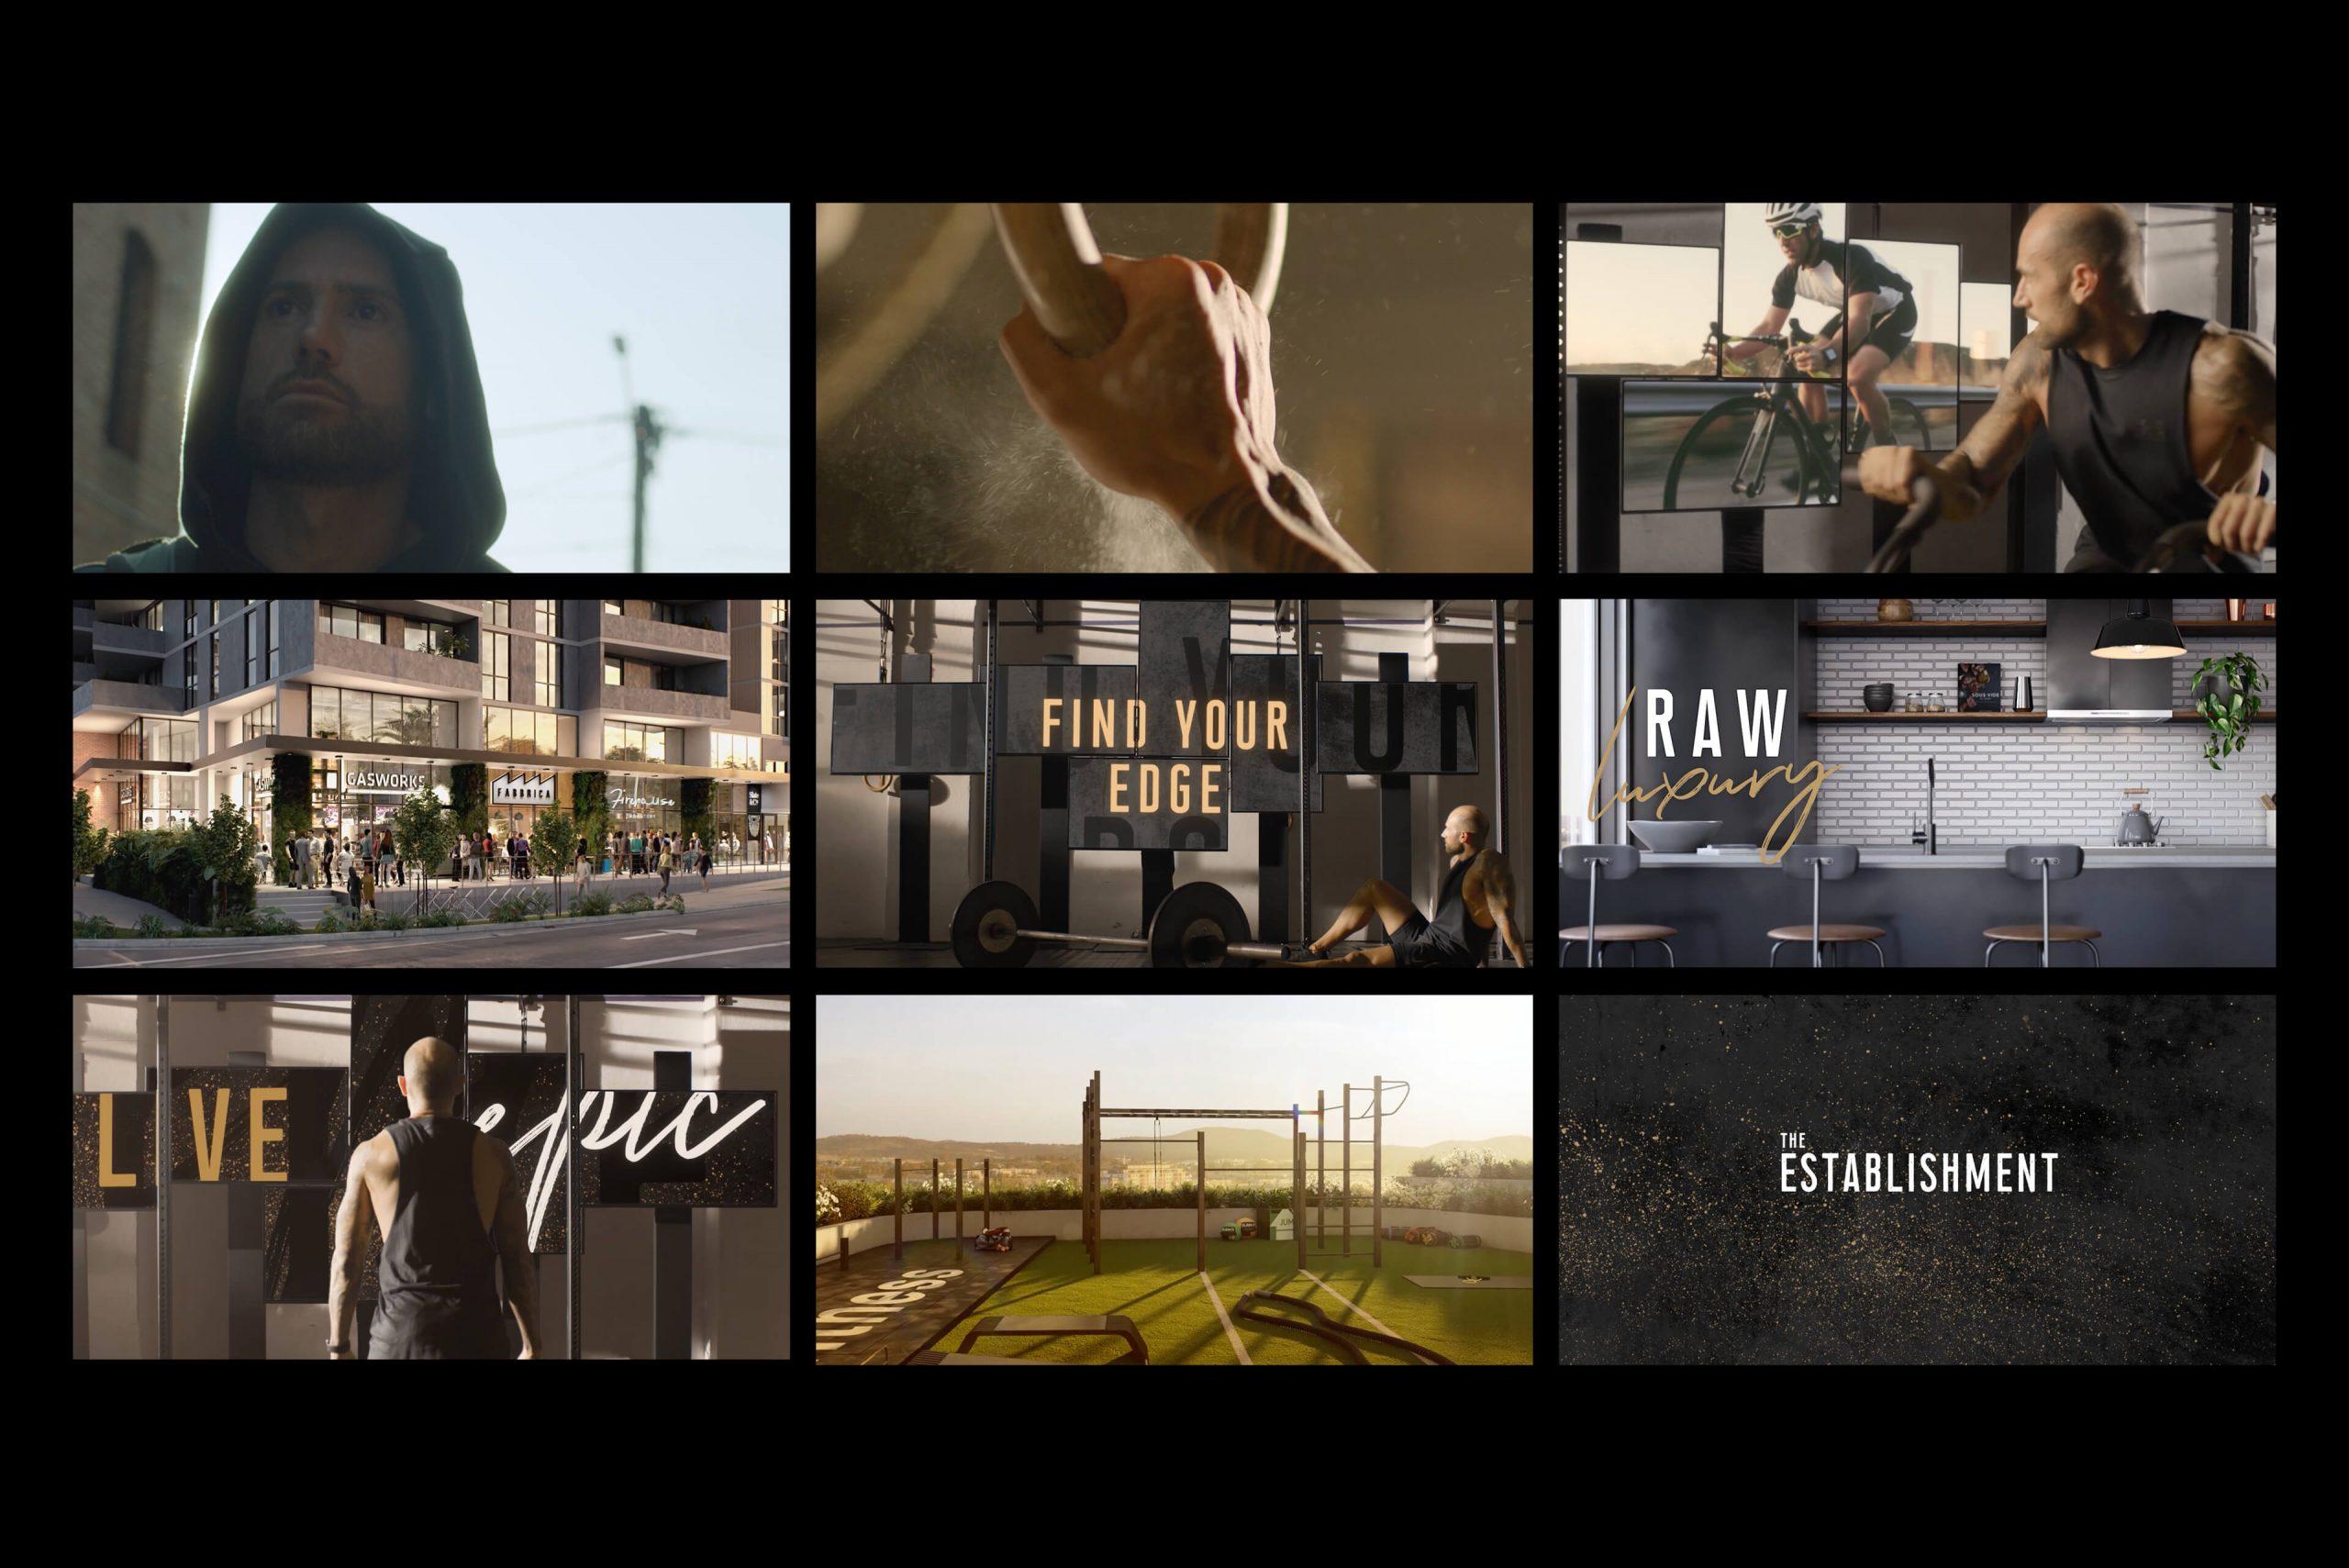 Geocon - The Establishment - Property Identity & Campaign - Sales Launch Video Key Scenes